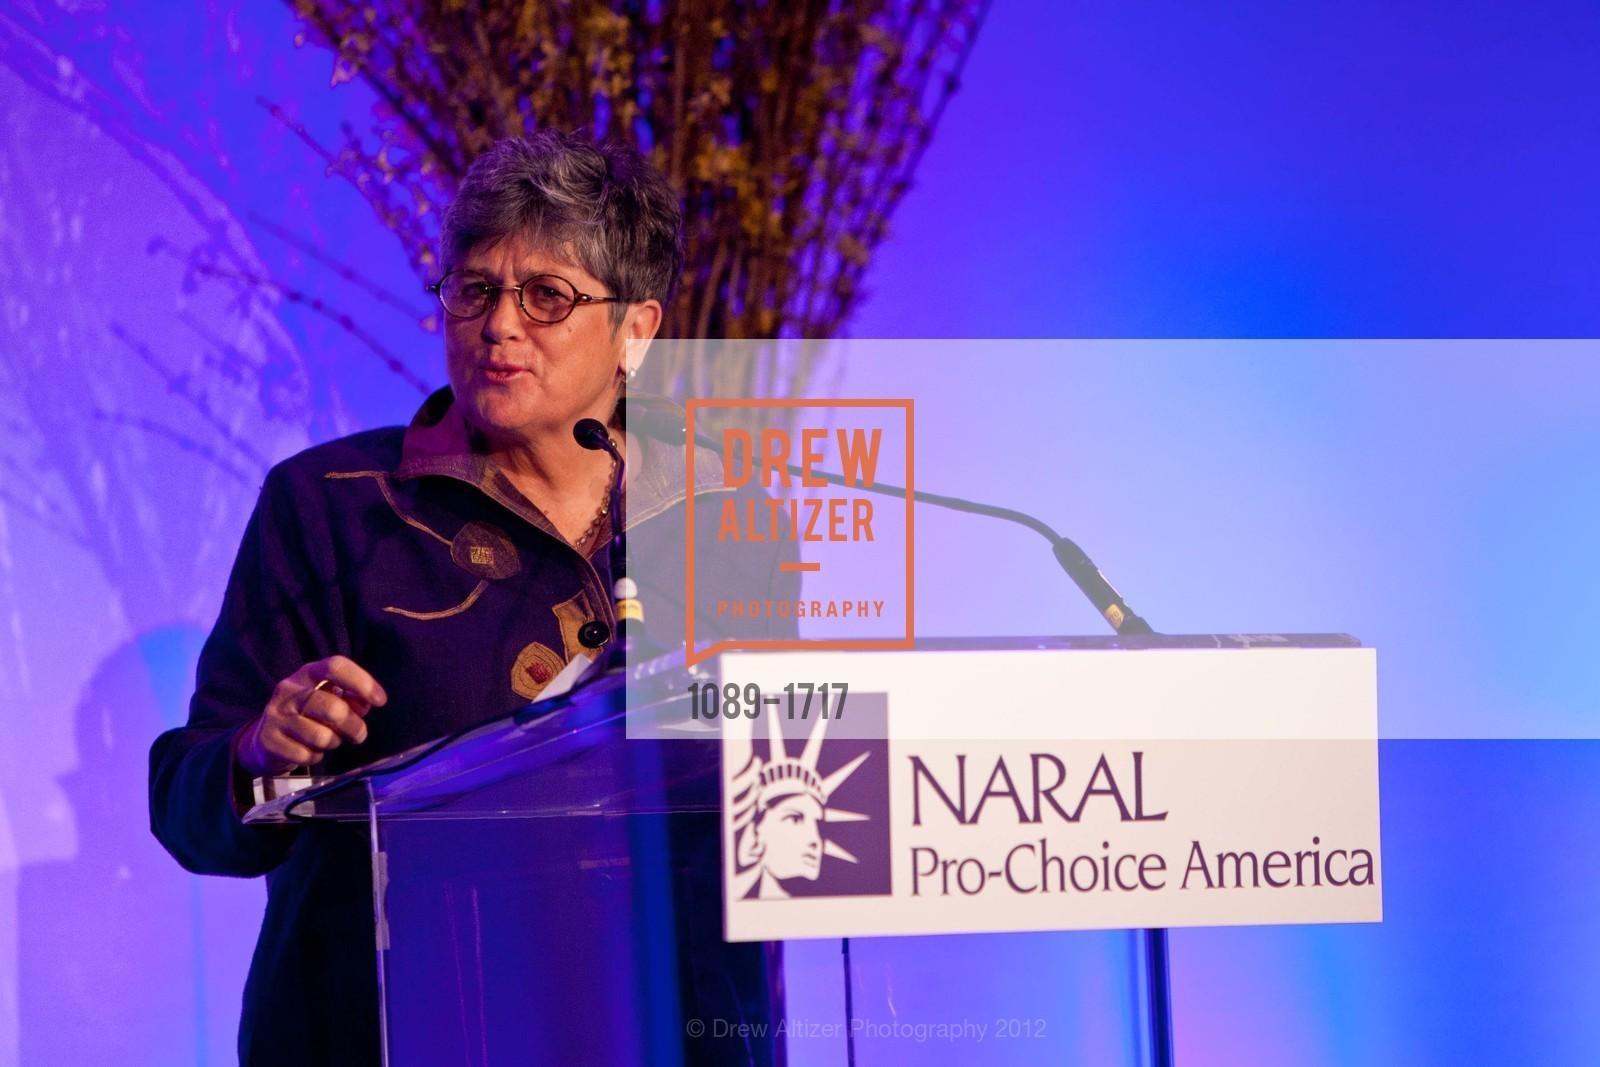 Nancy Keenan, Photo #1089-1717